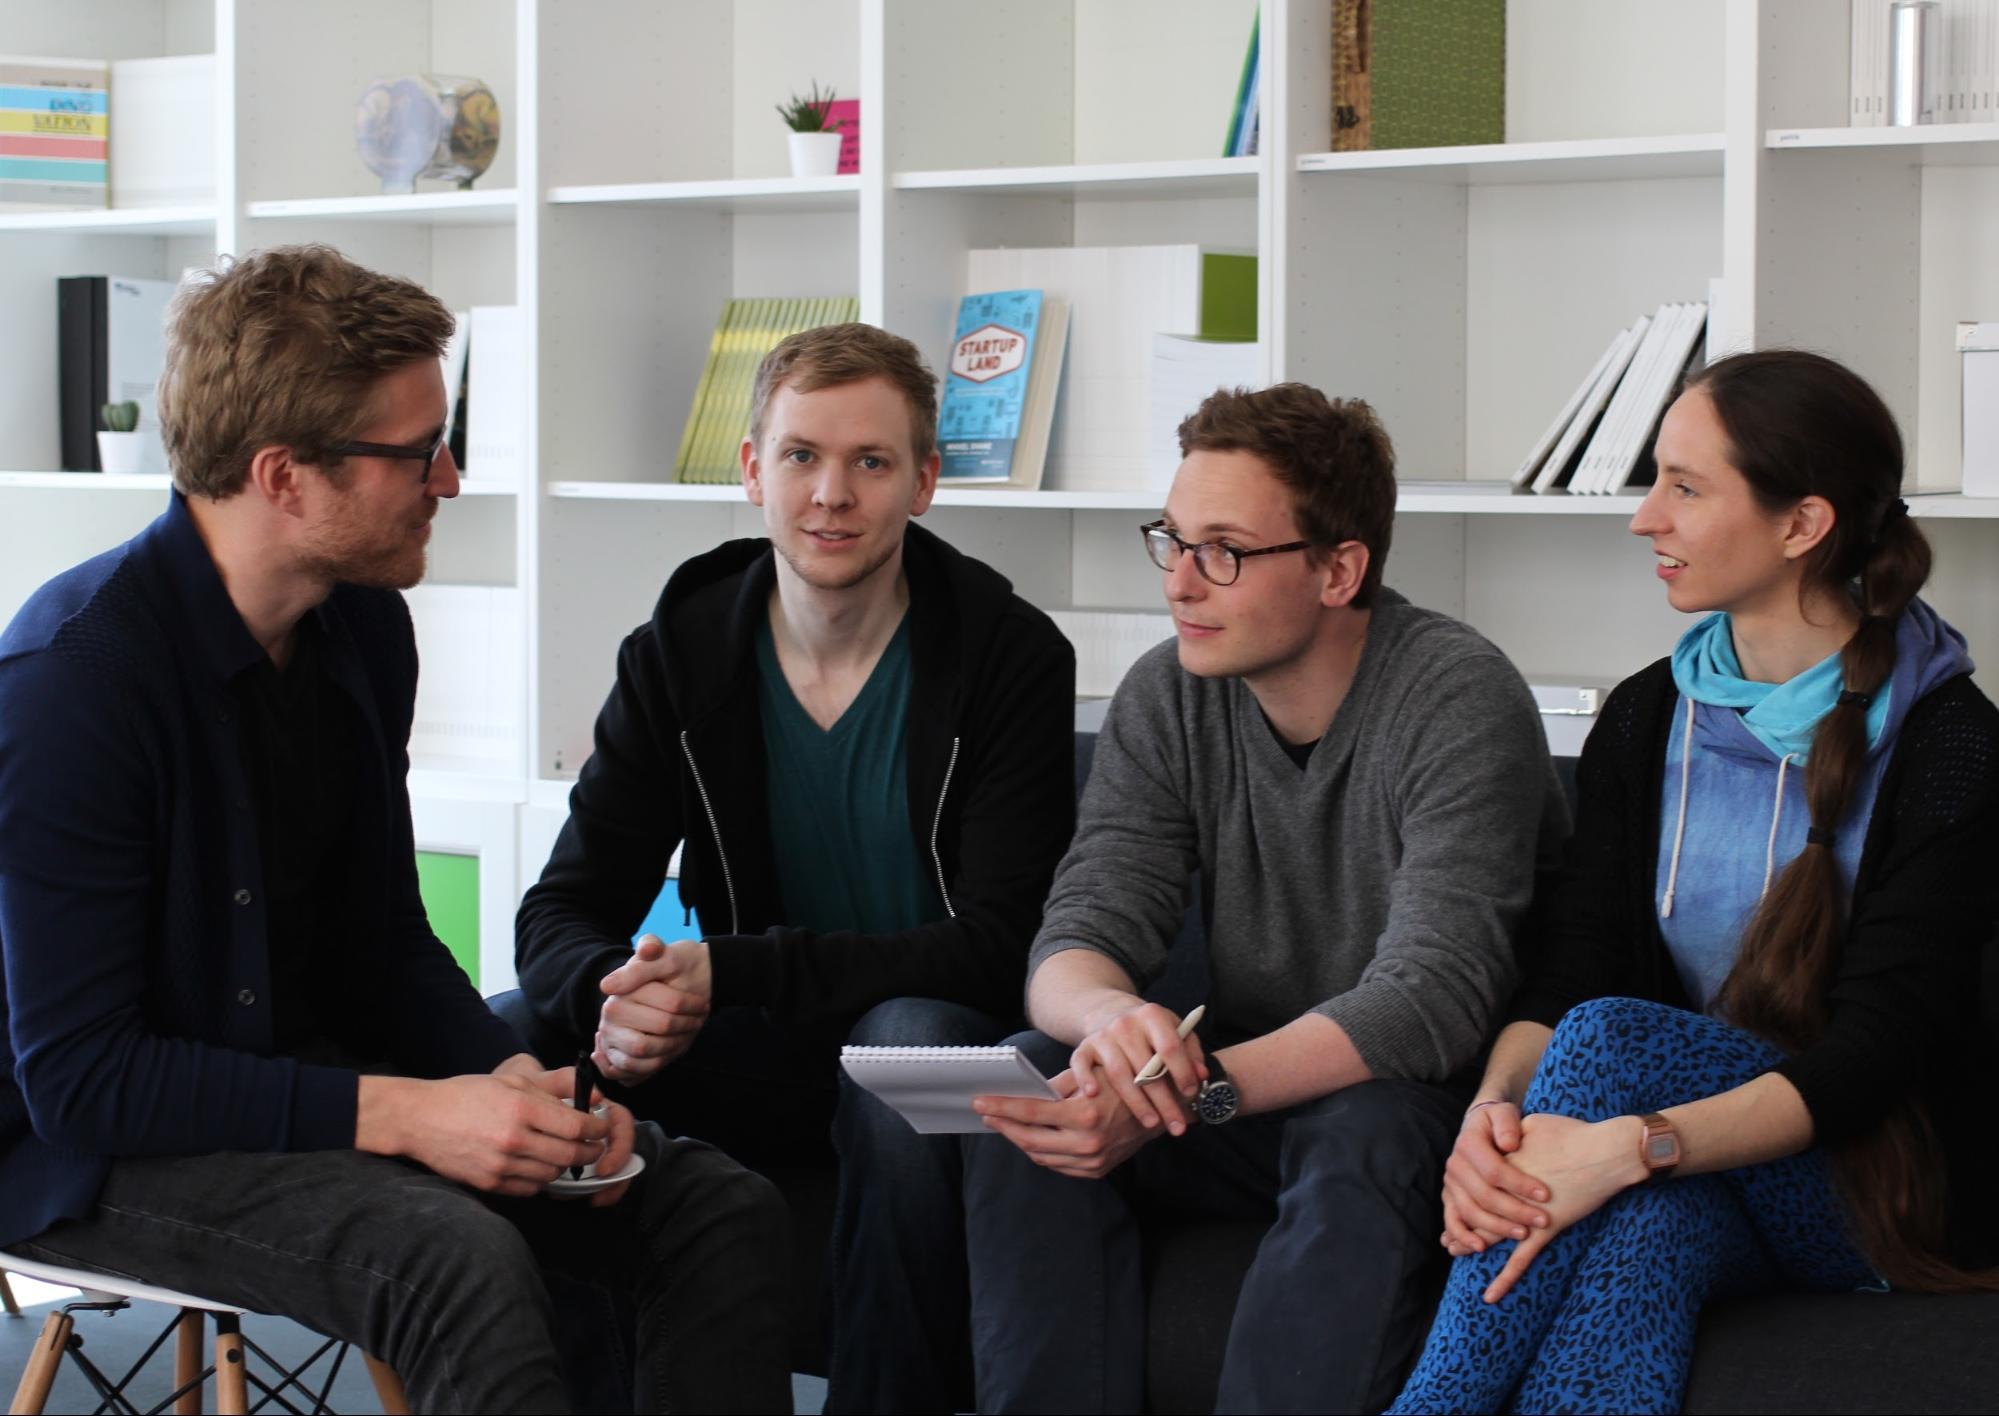 Das Team von links nach rechts: Benedikt Fecher, Armin Sauermann, Sascha Friesike, Kaja Scheliga (es fehlen: Cornelius Puschmann, Marcel Hebing und Sönke Bartling)